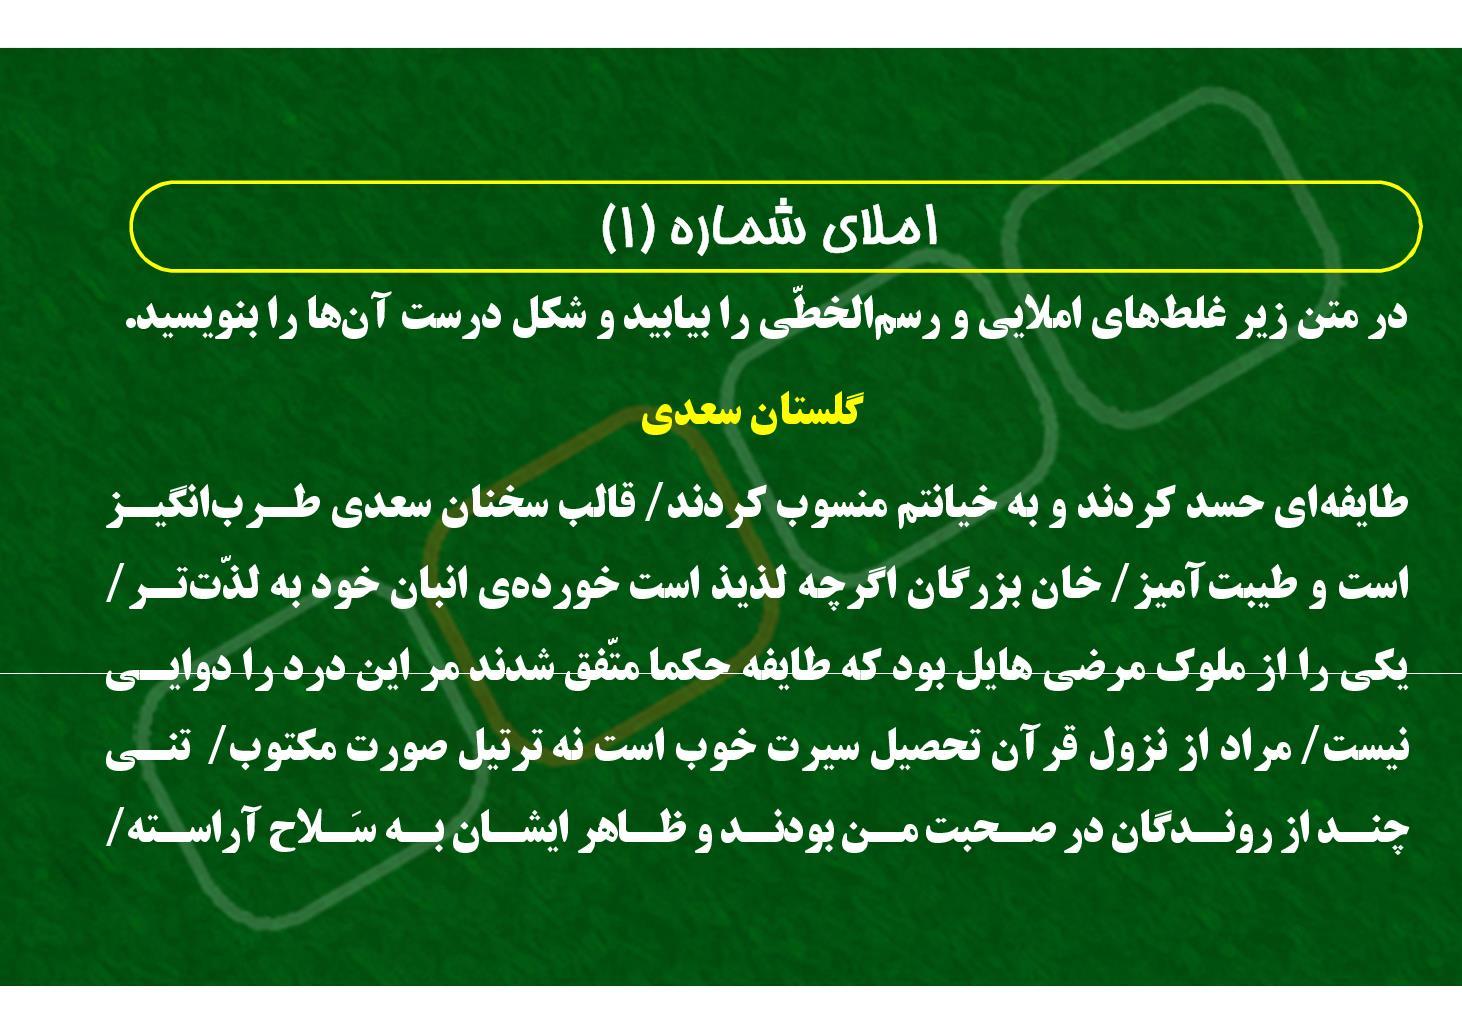 ادبیات ٢- املا- نکات مهم و غلطهای رسمالخطی گلستان سعدی- بخش ١ (PDF)